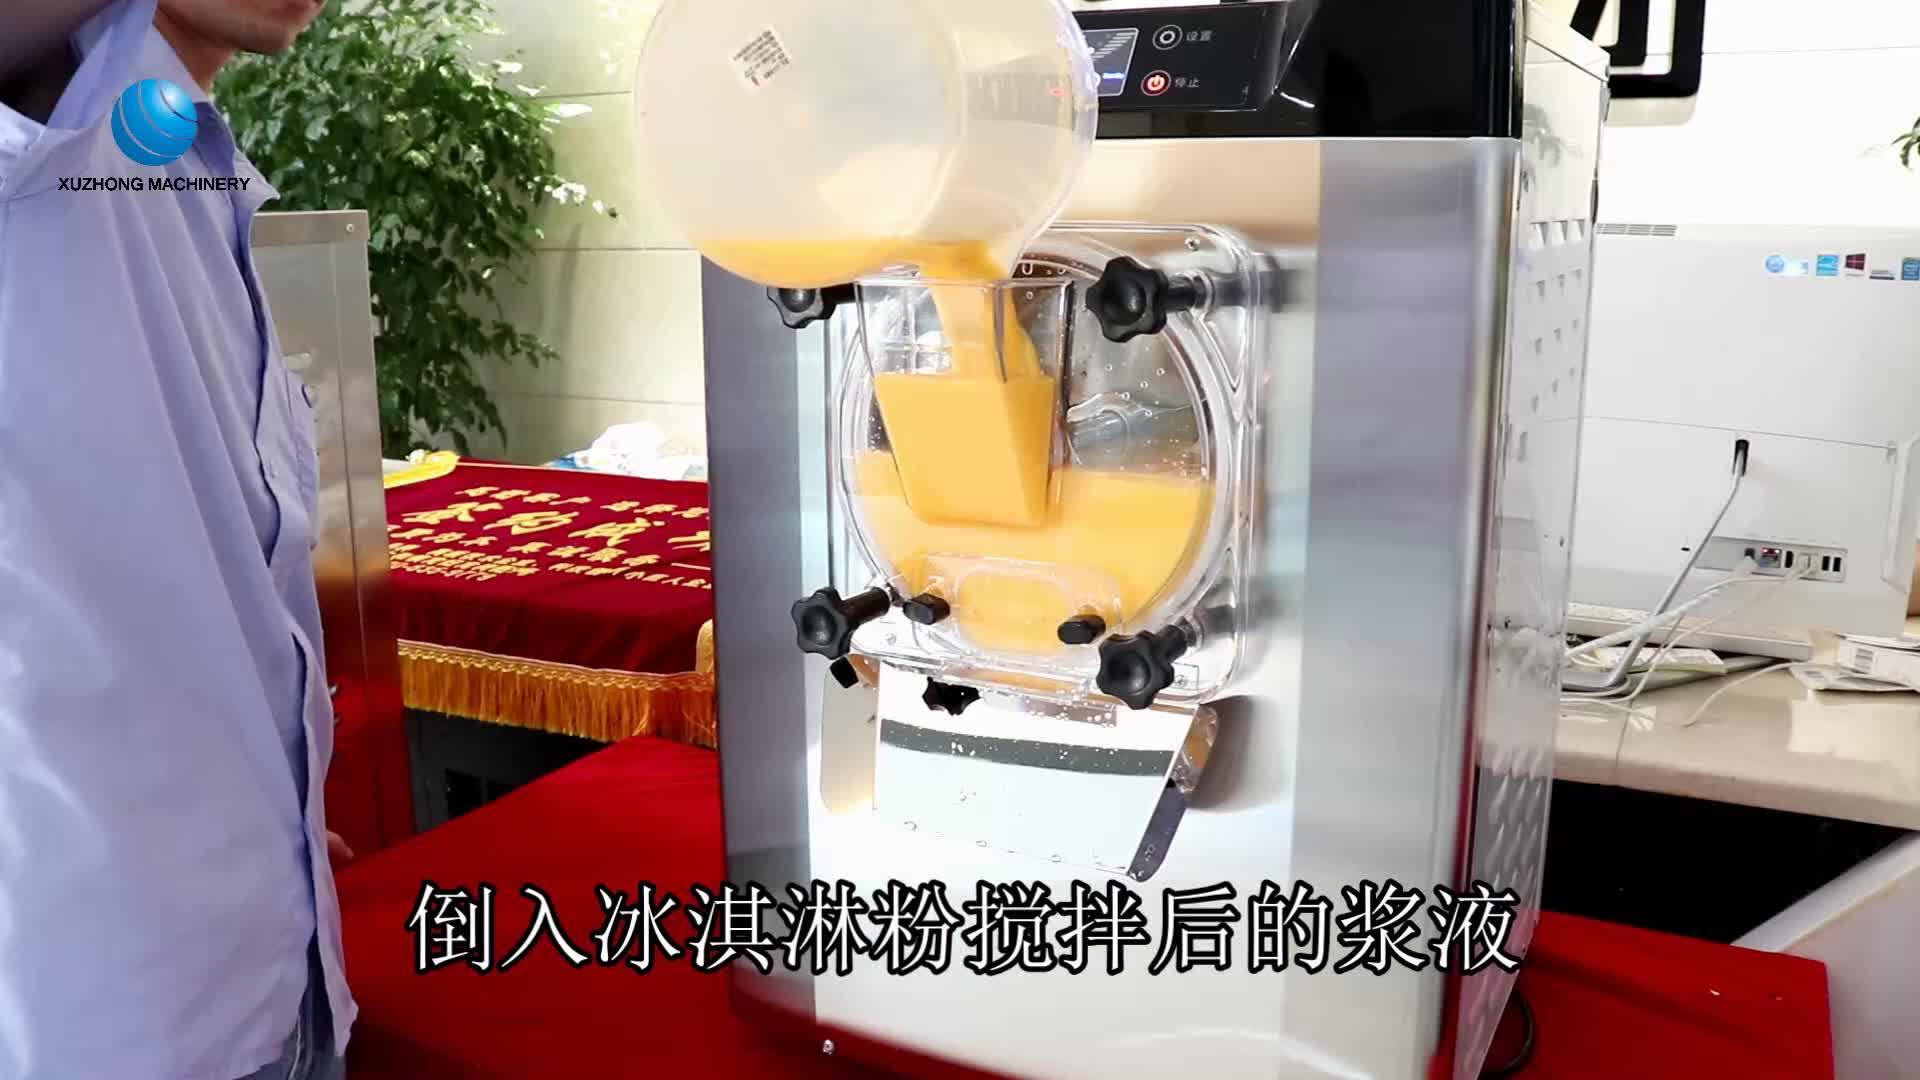 बहु-कार्यात्मक हार्ड आइसक्रीम मशीन कीमत/हार्ड आइस क्रीम बनाने की मशीन